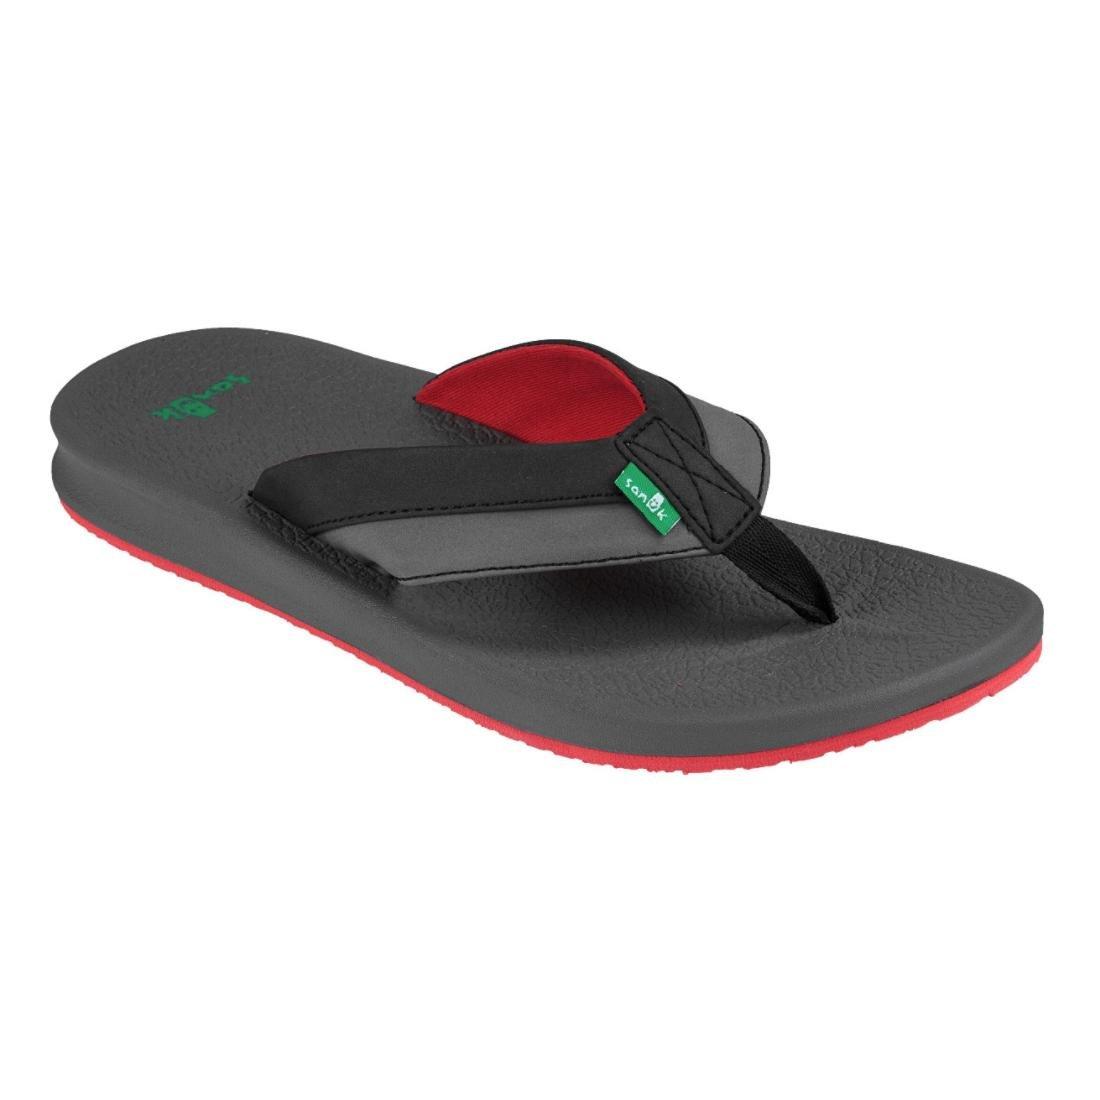 Sanuk para hombre brumeister sandalias calzado 41 EU Negro/Carbón/Rojo